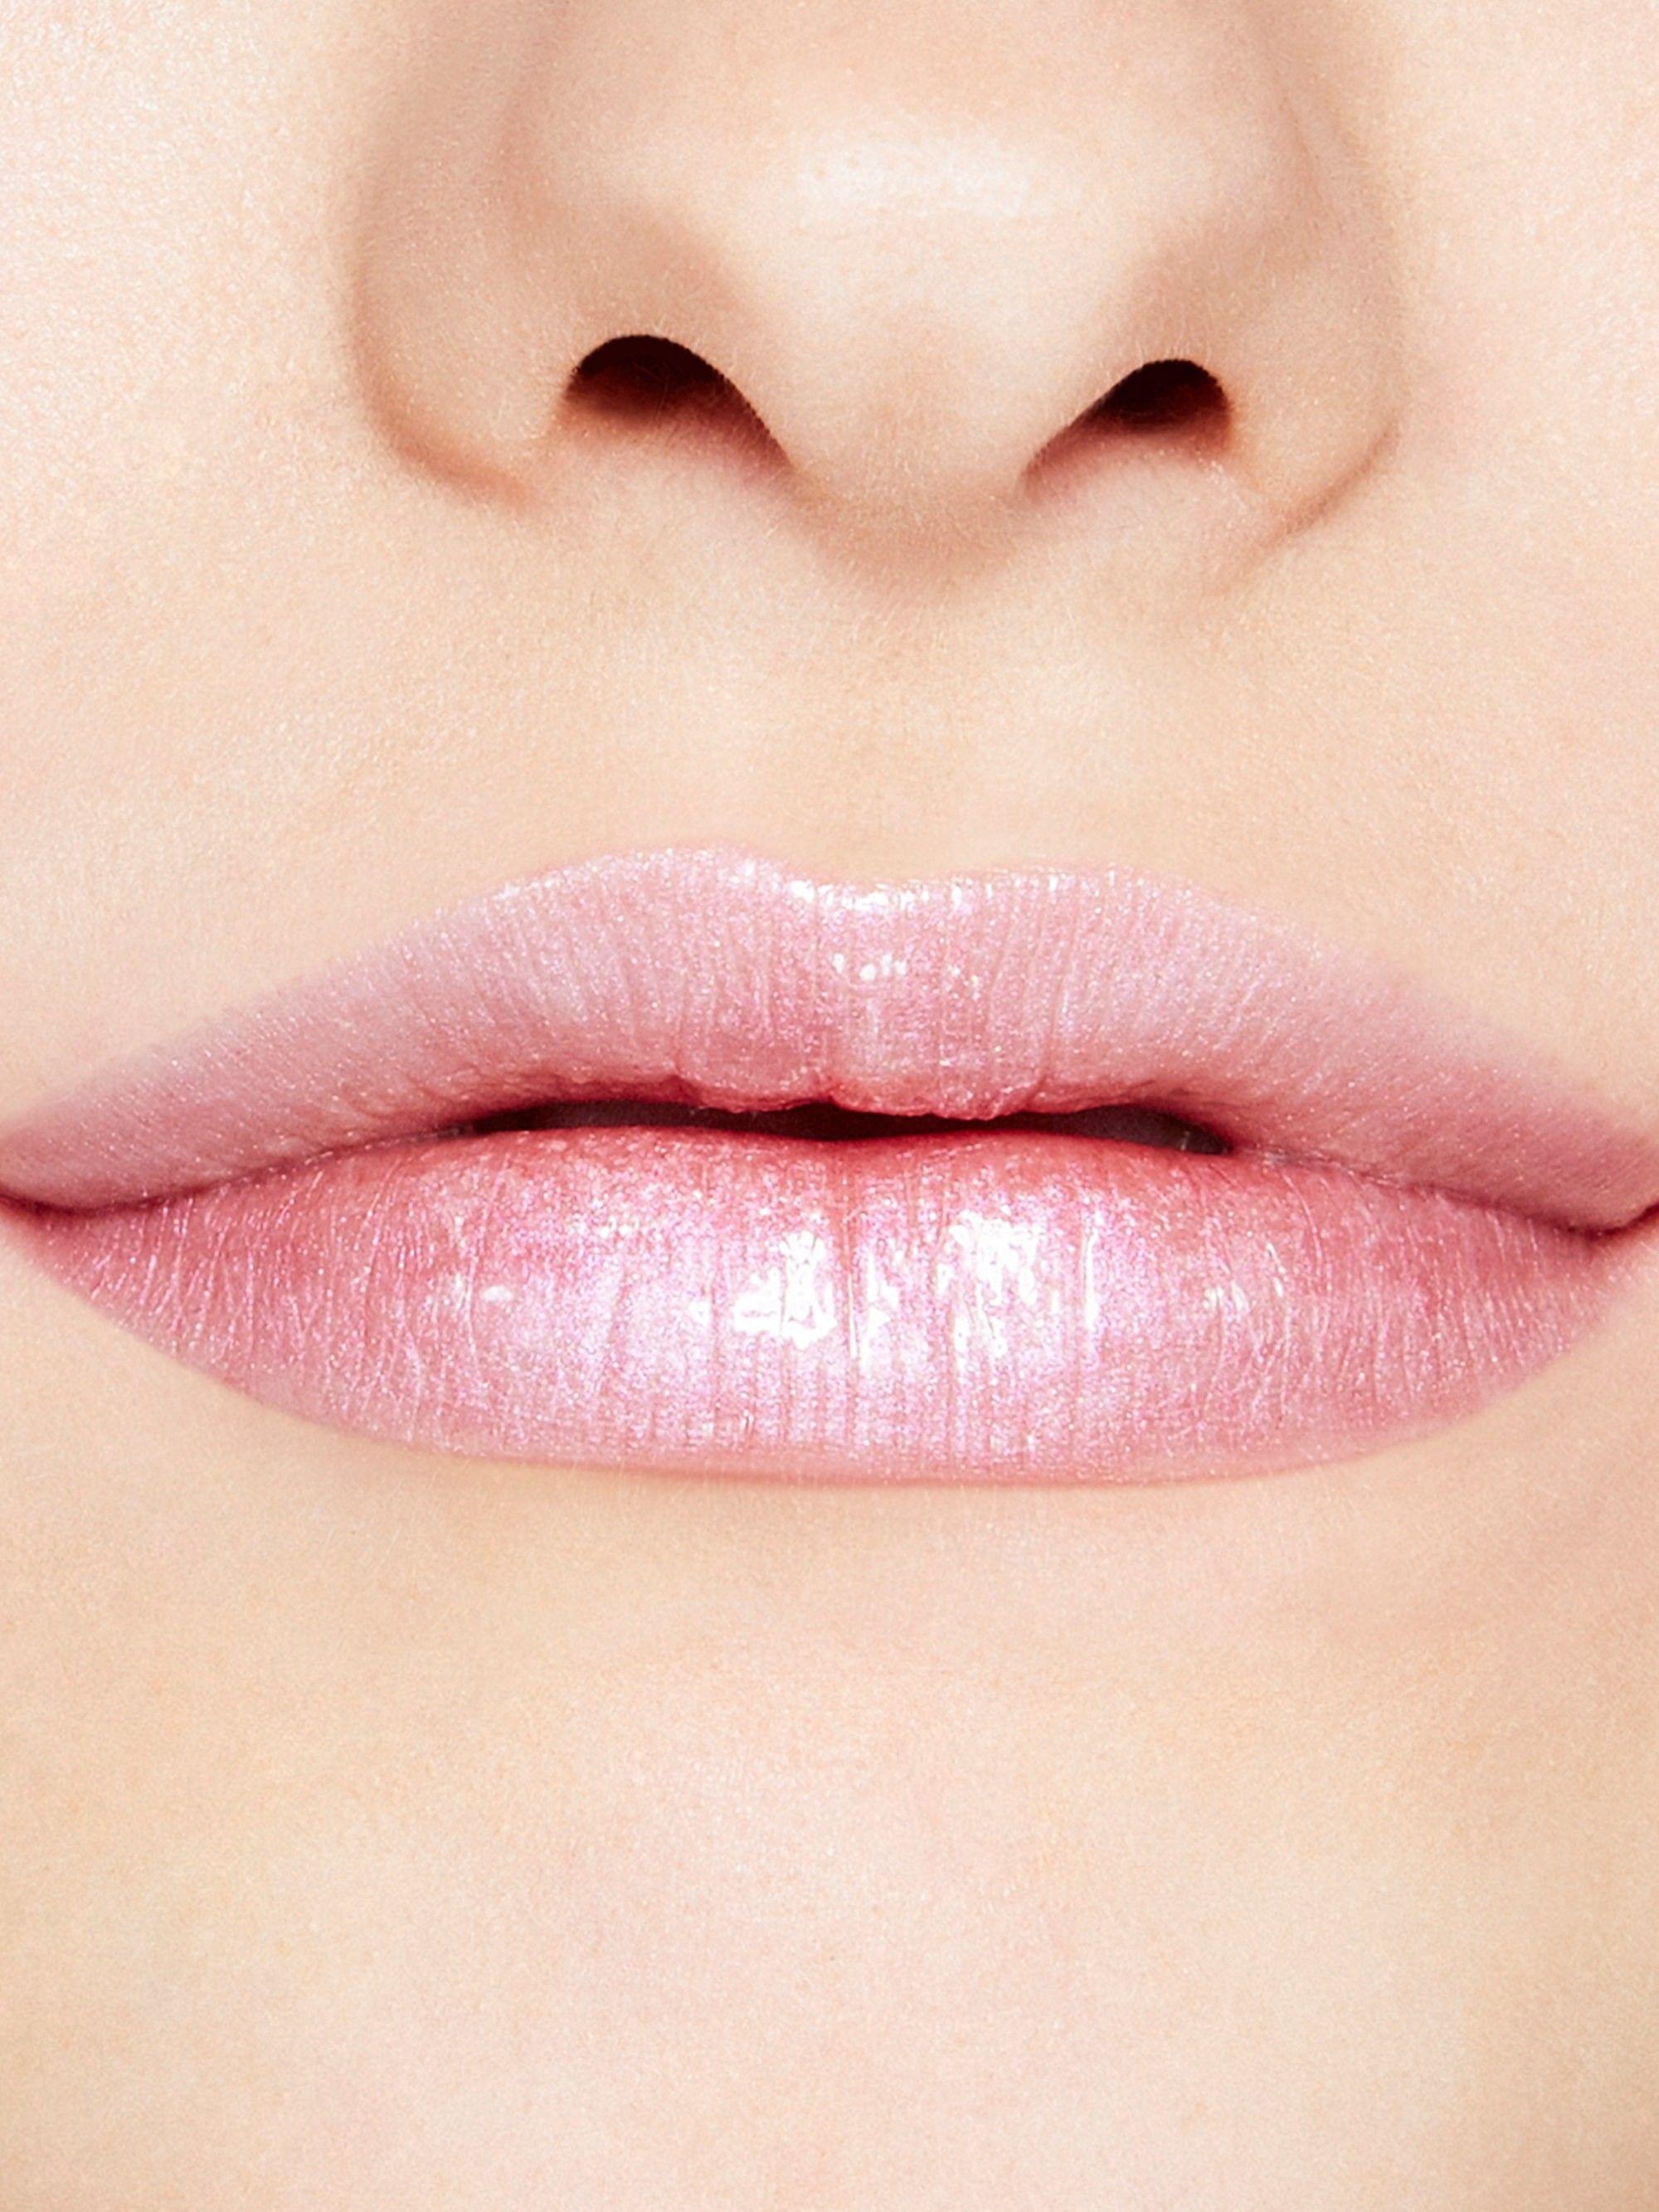 Mac Cosmetics Grand Illusion Liquid Lipcolour Party Sparkle